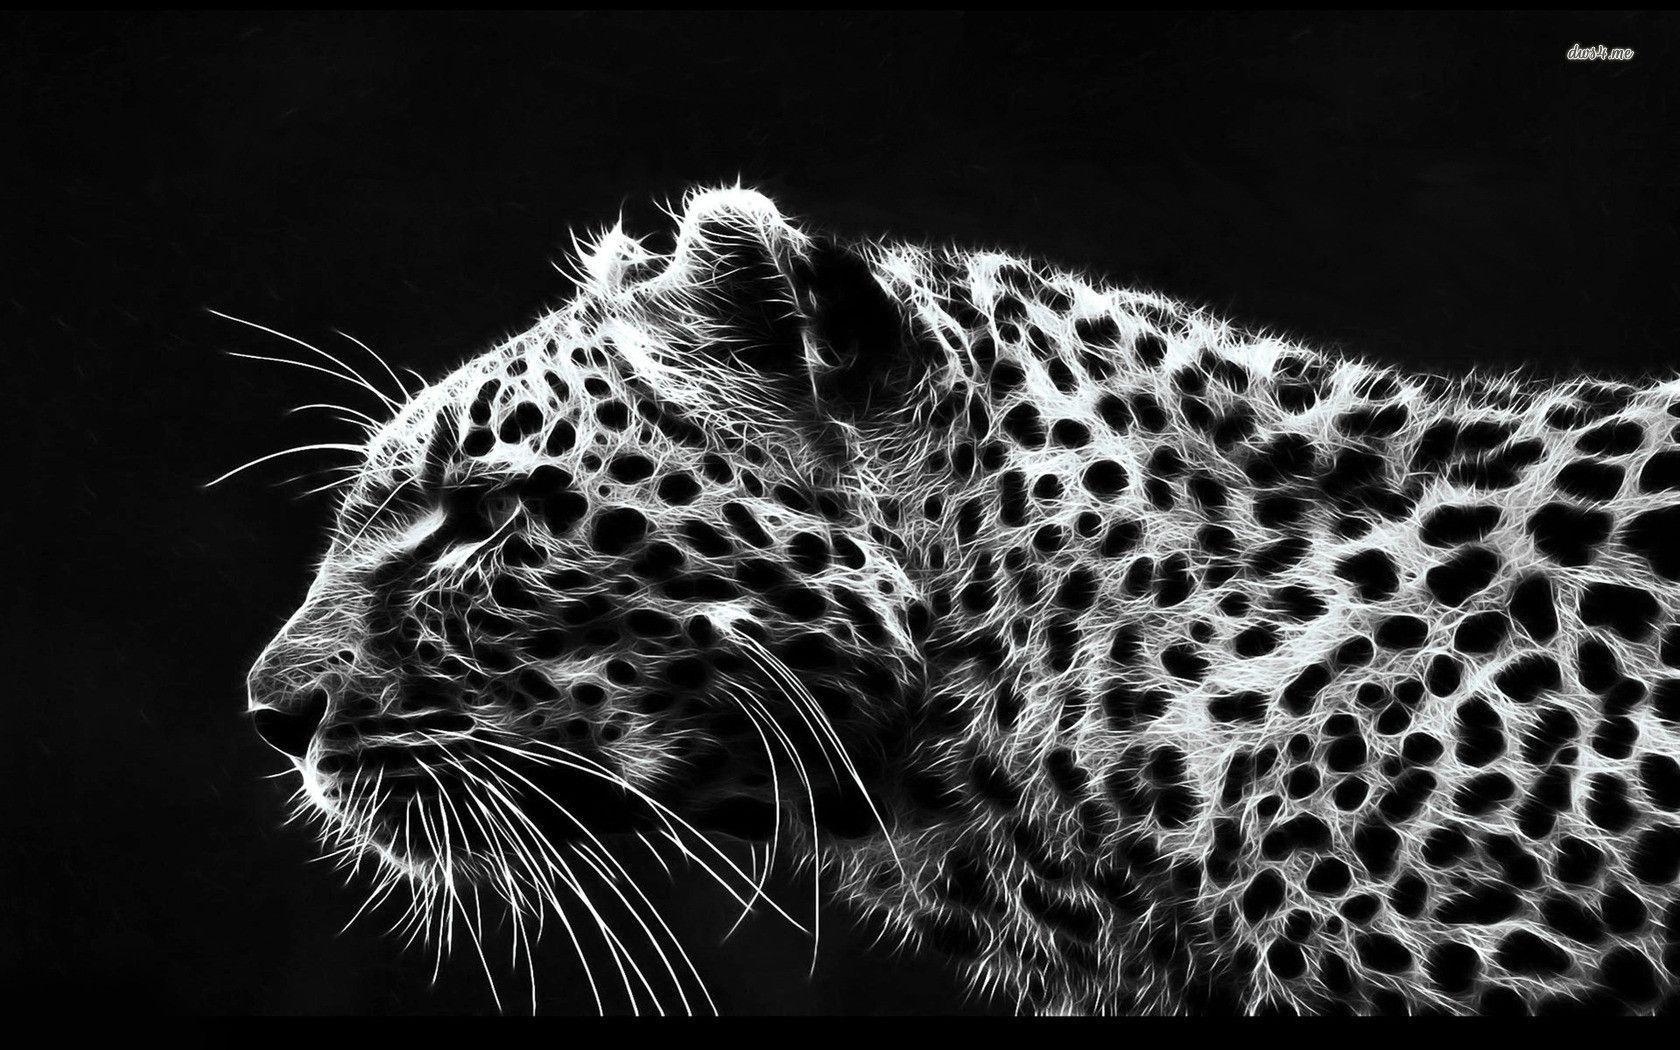 Digital Leopard Art Wallpapers: White Leopard Wallpapers